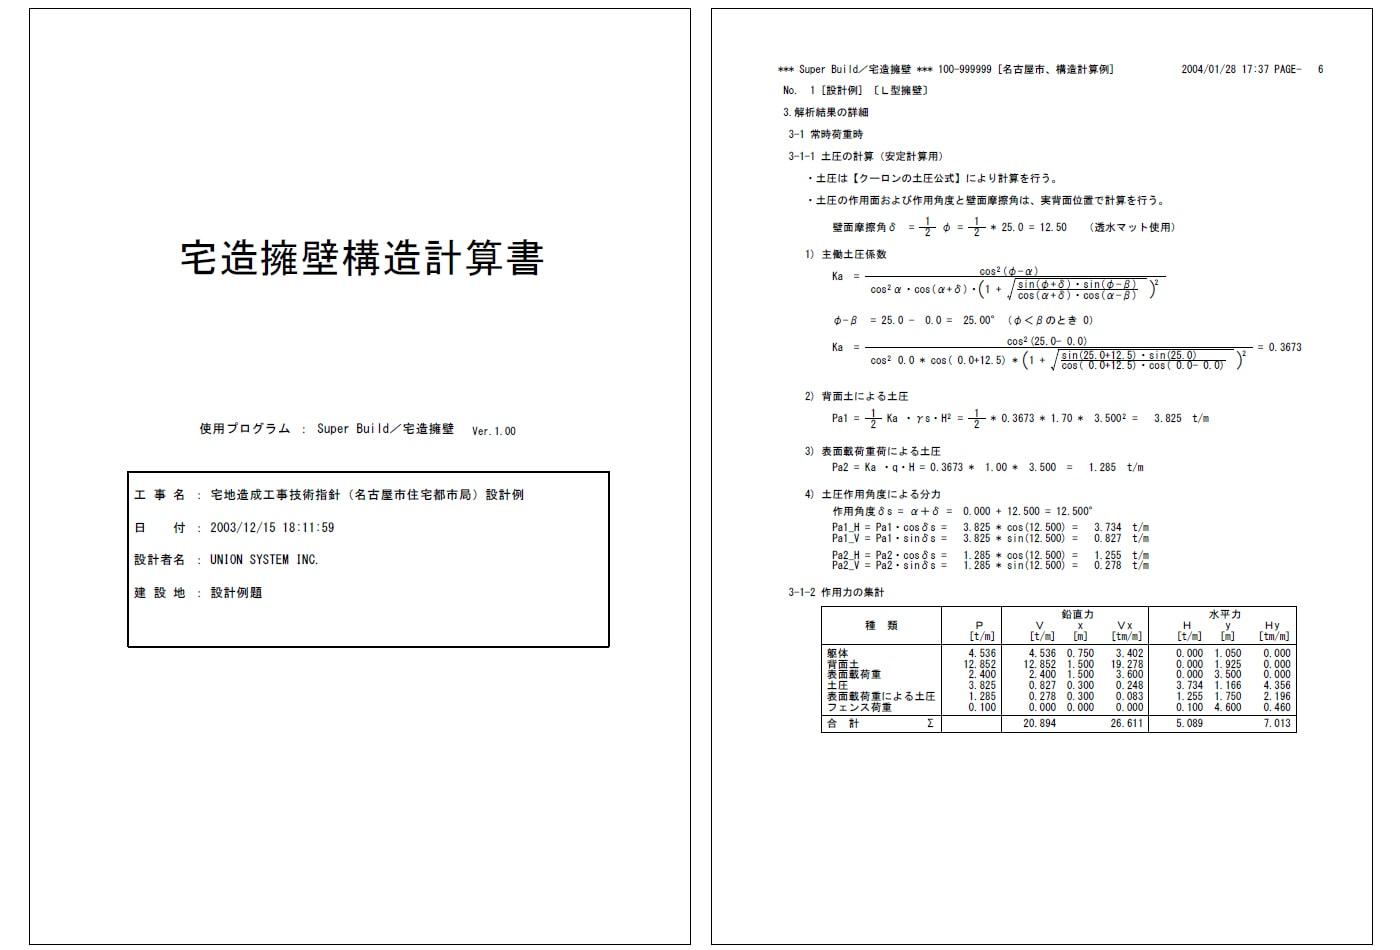 『宅造擁壁構造計算書』サンプル